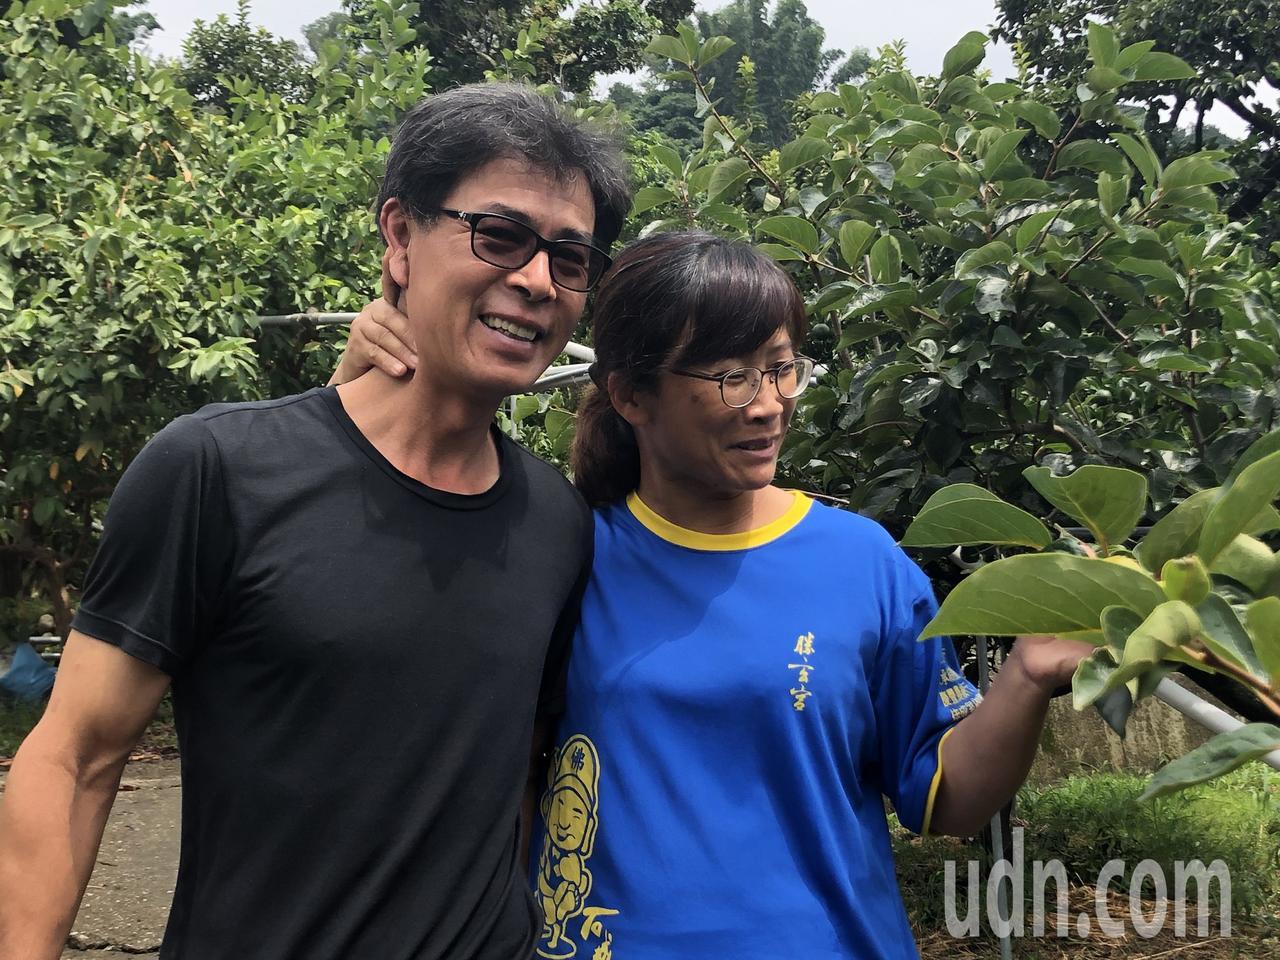 陸文霖、林明珠夫妻宅在果園老欉水果。記者陳秋雲/攝影